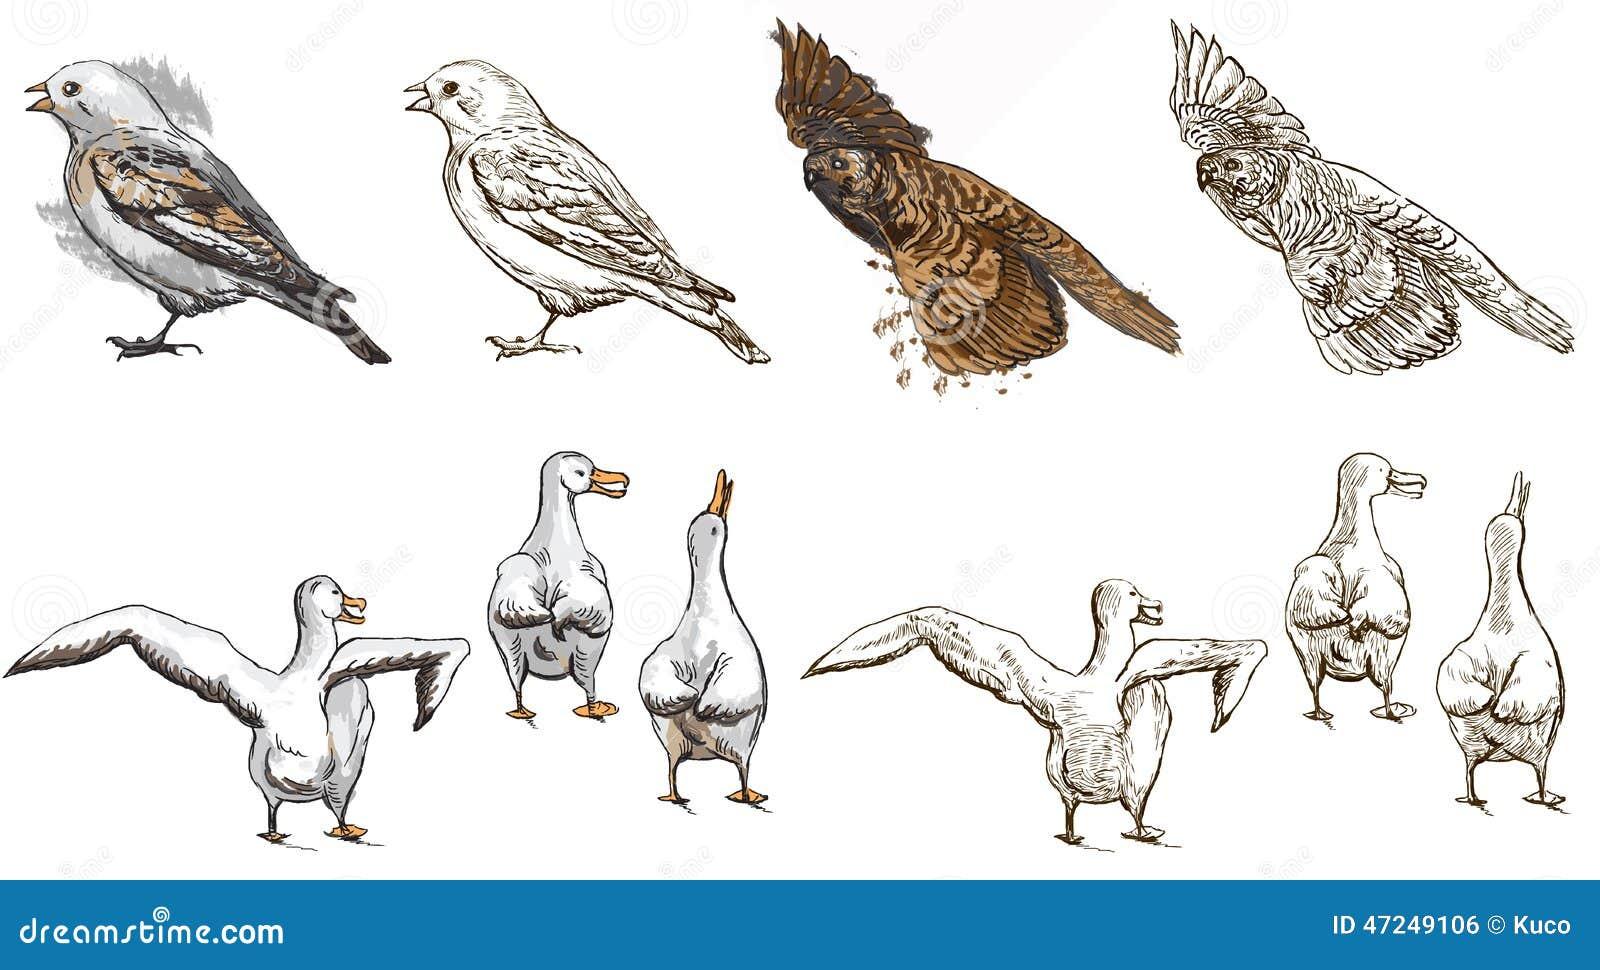 Animaux Polaires Livre De Coloriage Illustration De Vecteur